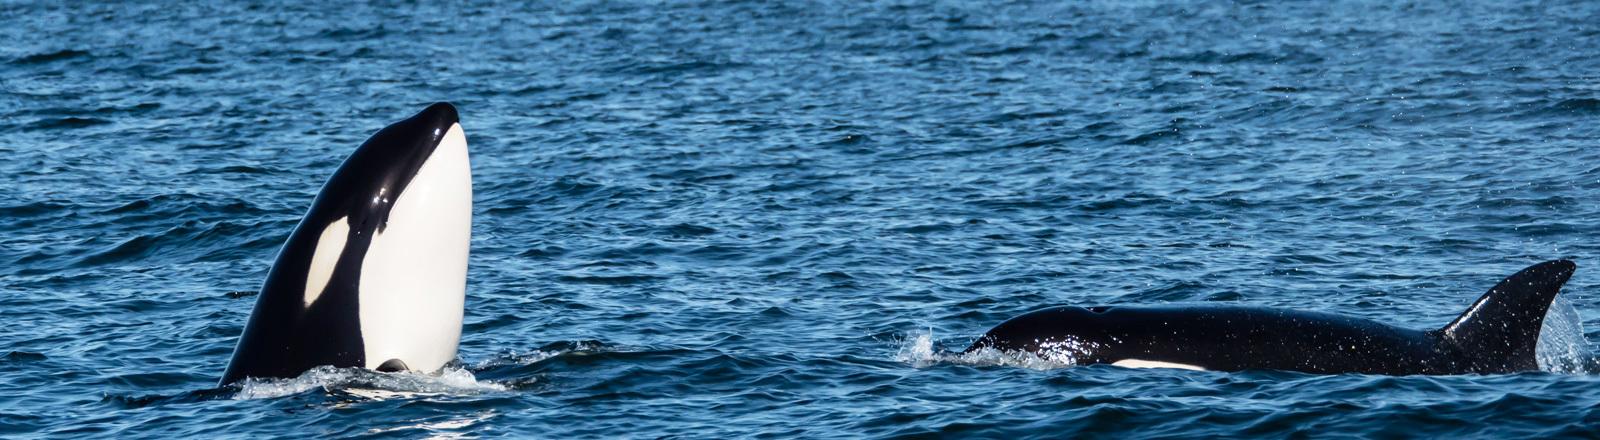 Orcas im Meer.